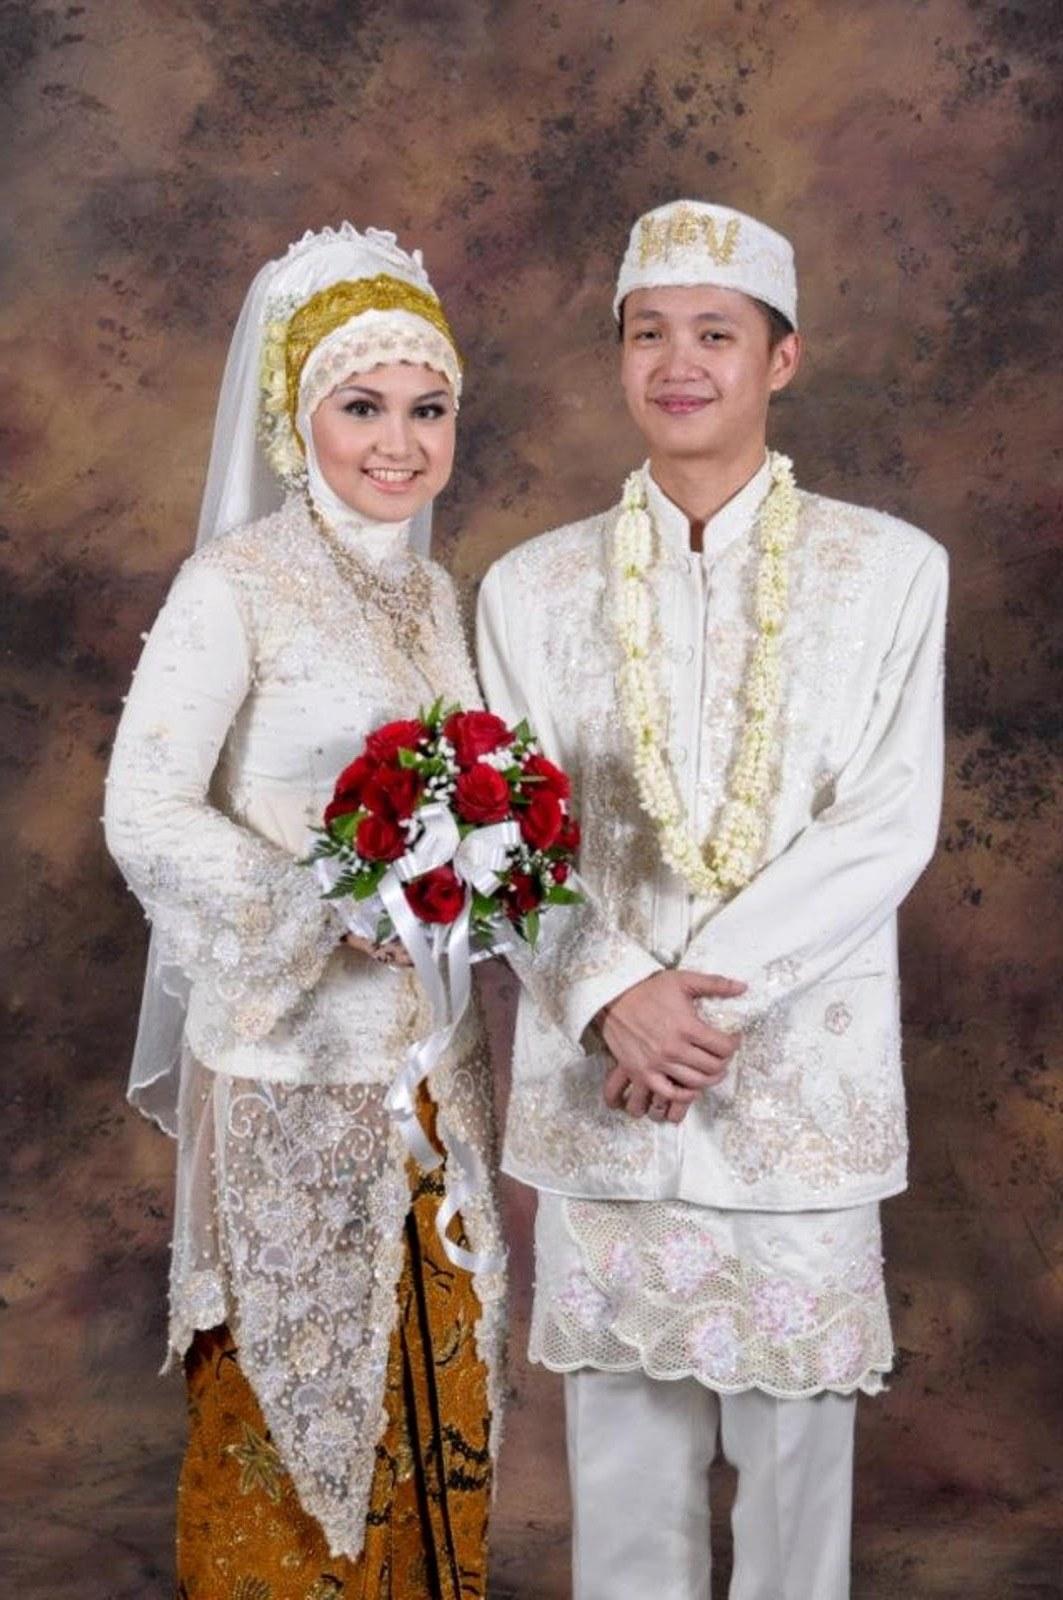 Inspirasi Gaun Pengantin Muslim Adat Jawa E6d5 Gambar Baju Pengantin Download Gambar Wallpaper Terbaru